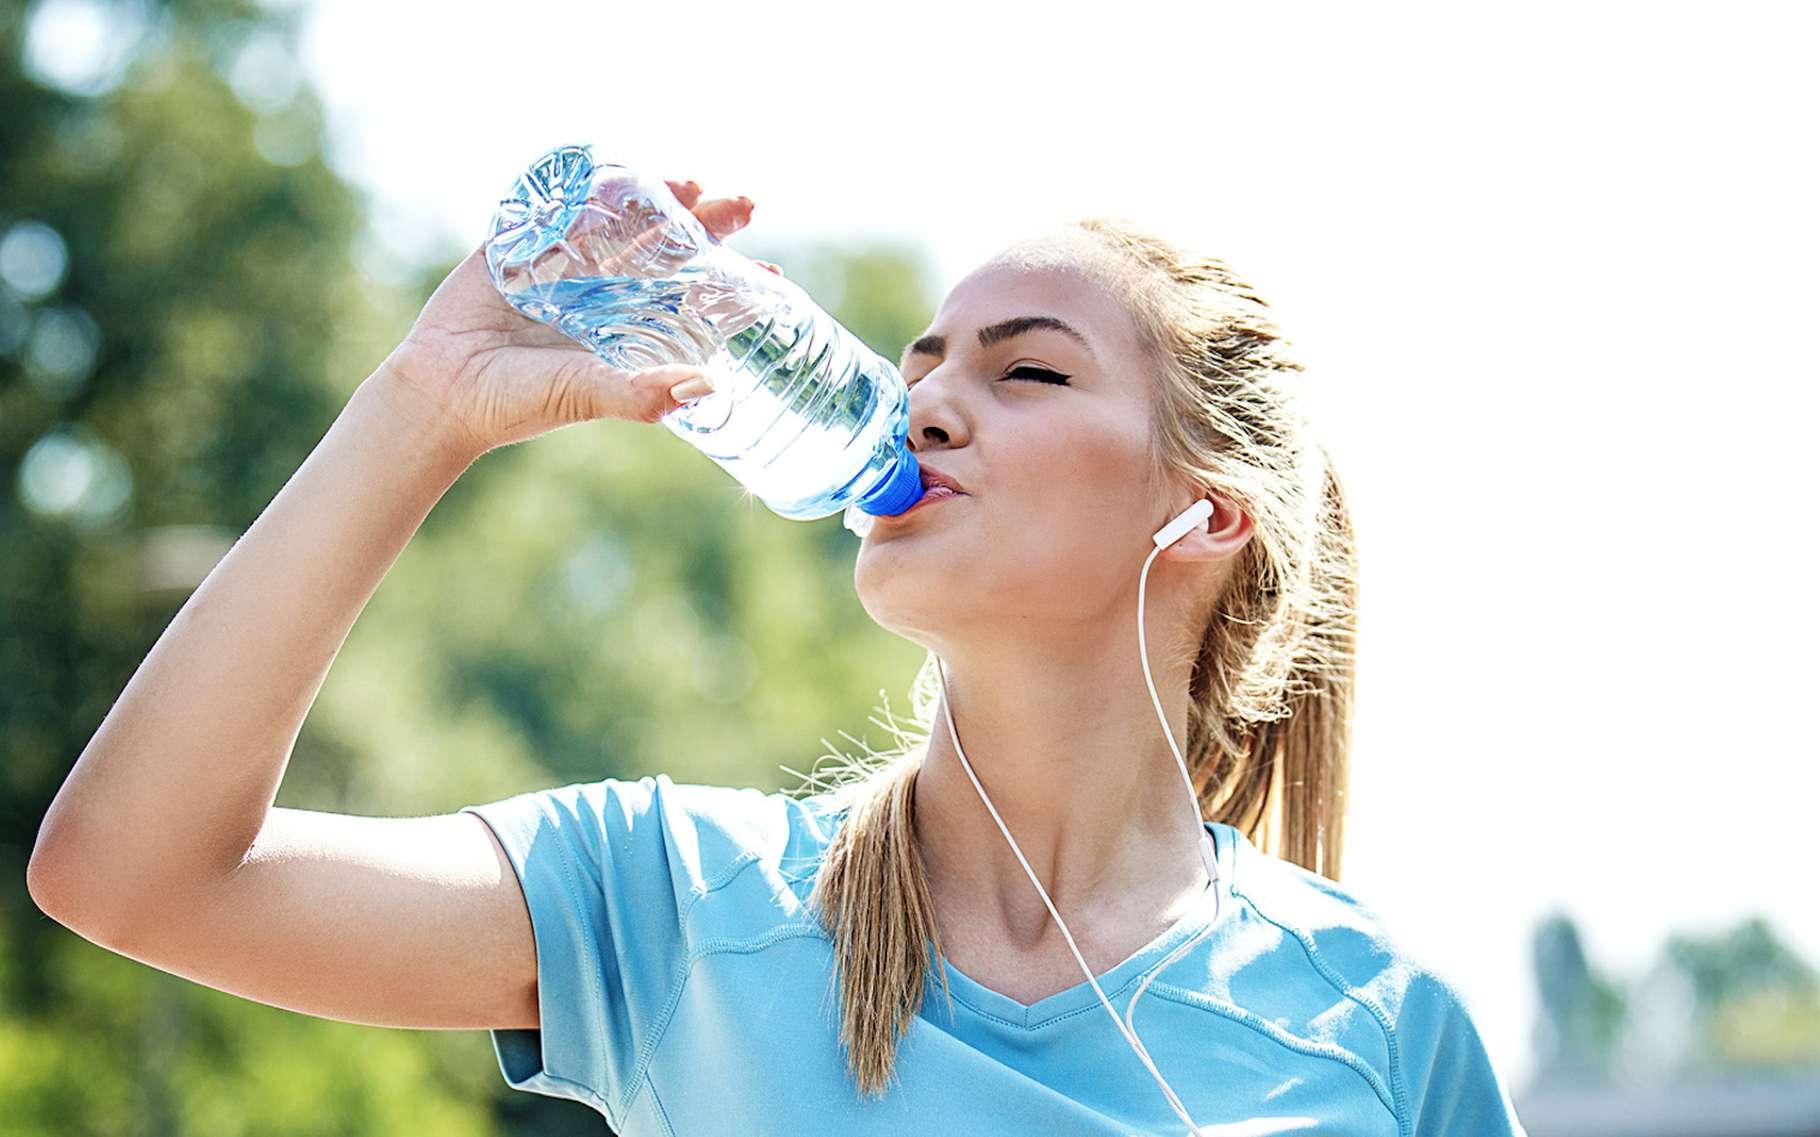 Boire de l'eau en bouteille plastique : un geste peut-être pas aussi sain qu'il en a l'air. © grki, Fotolia